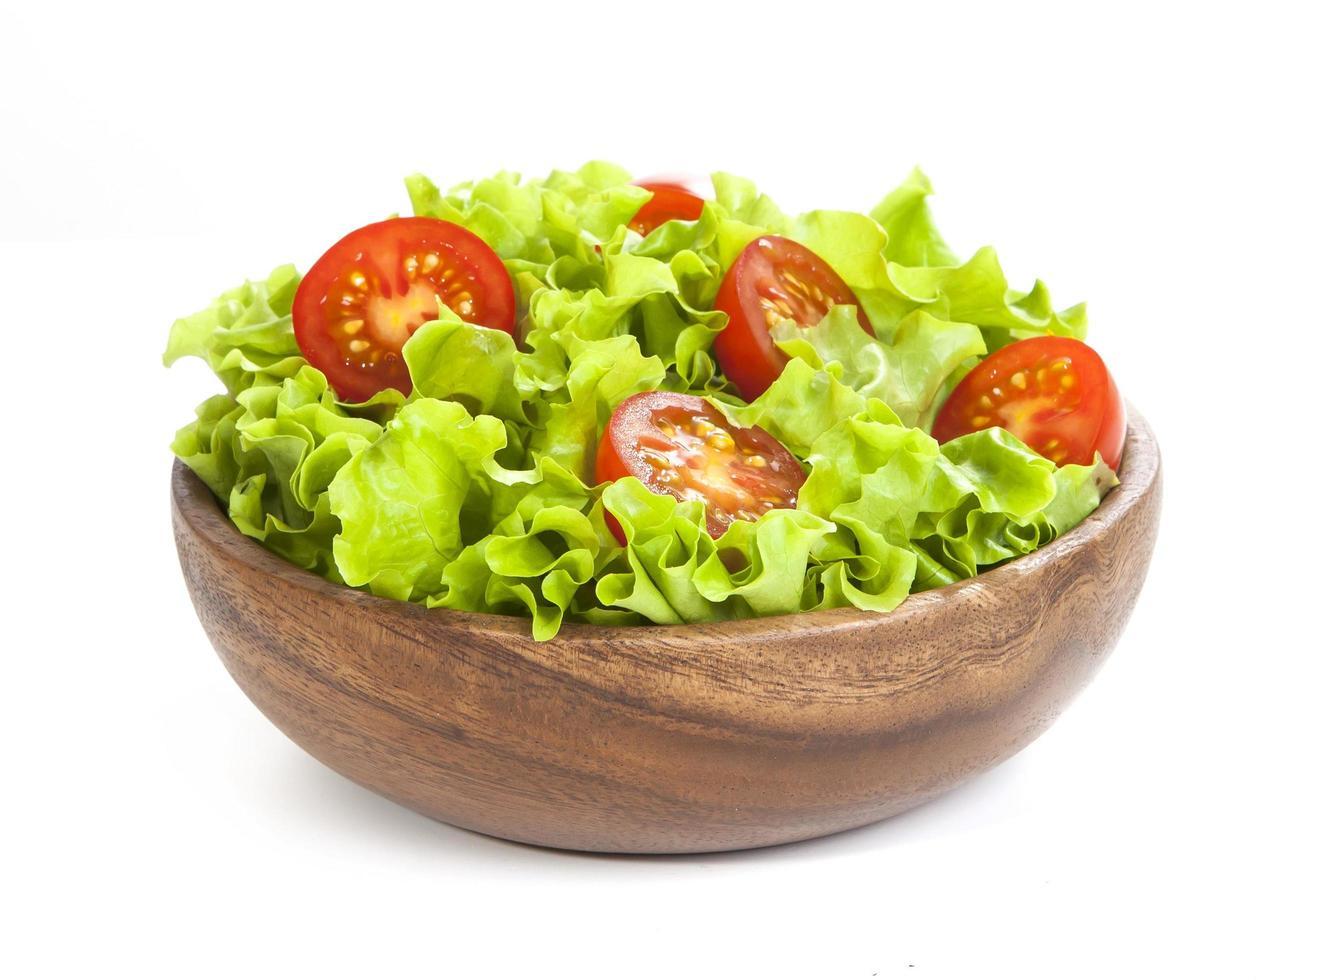 Tomate und Salat lokalisiert auf weißem Hintergrund foto